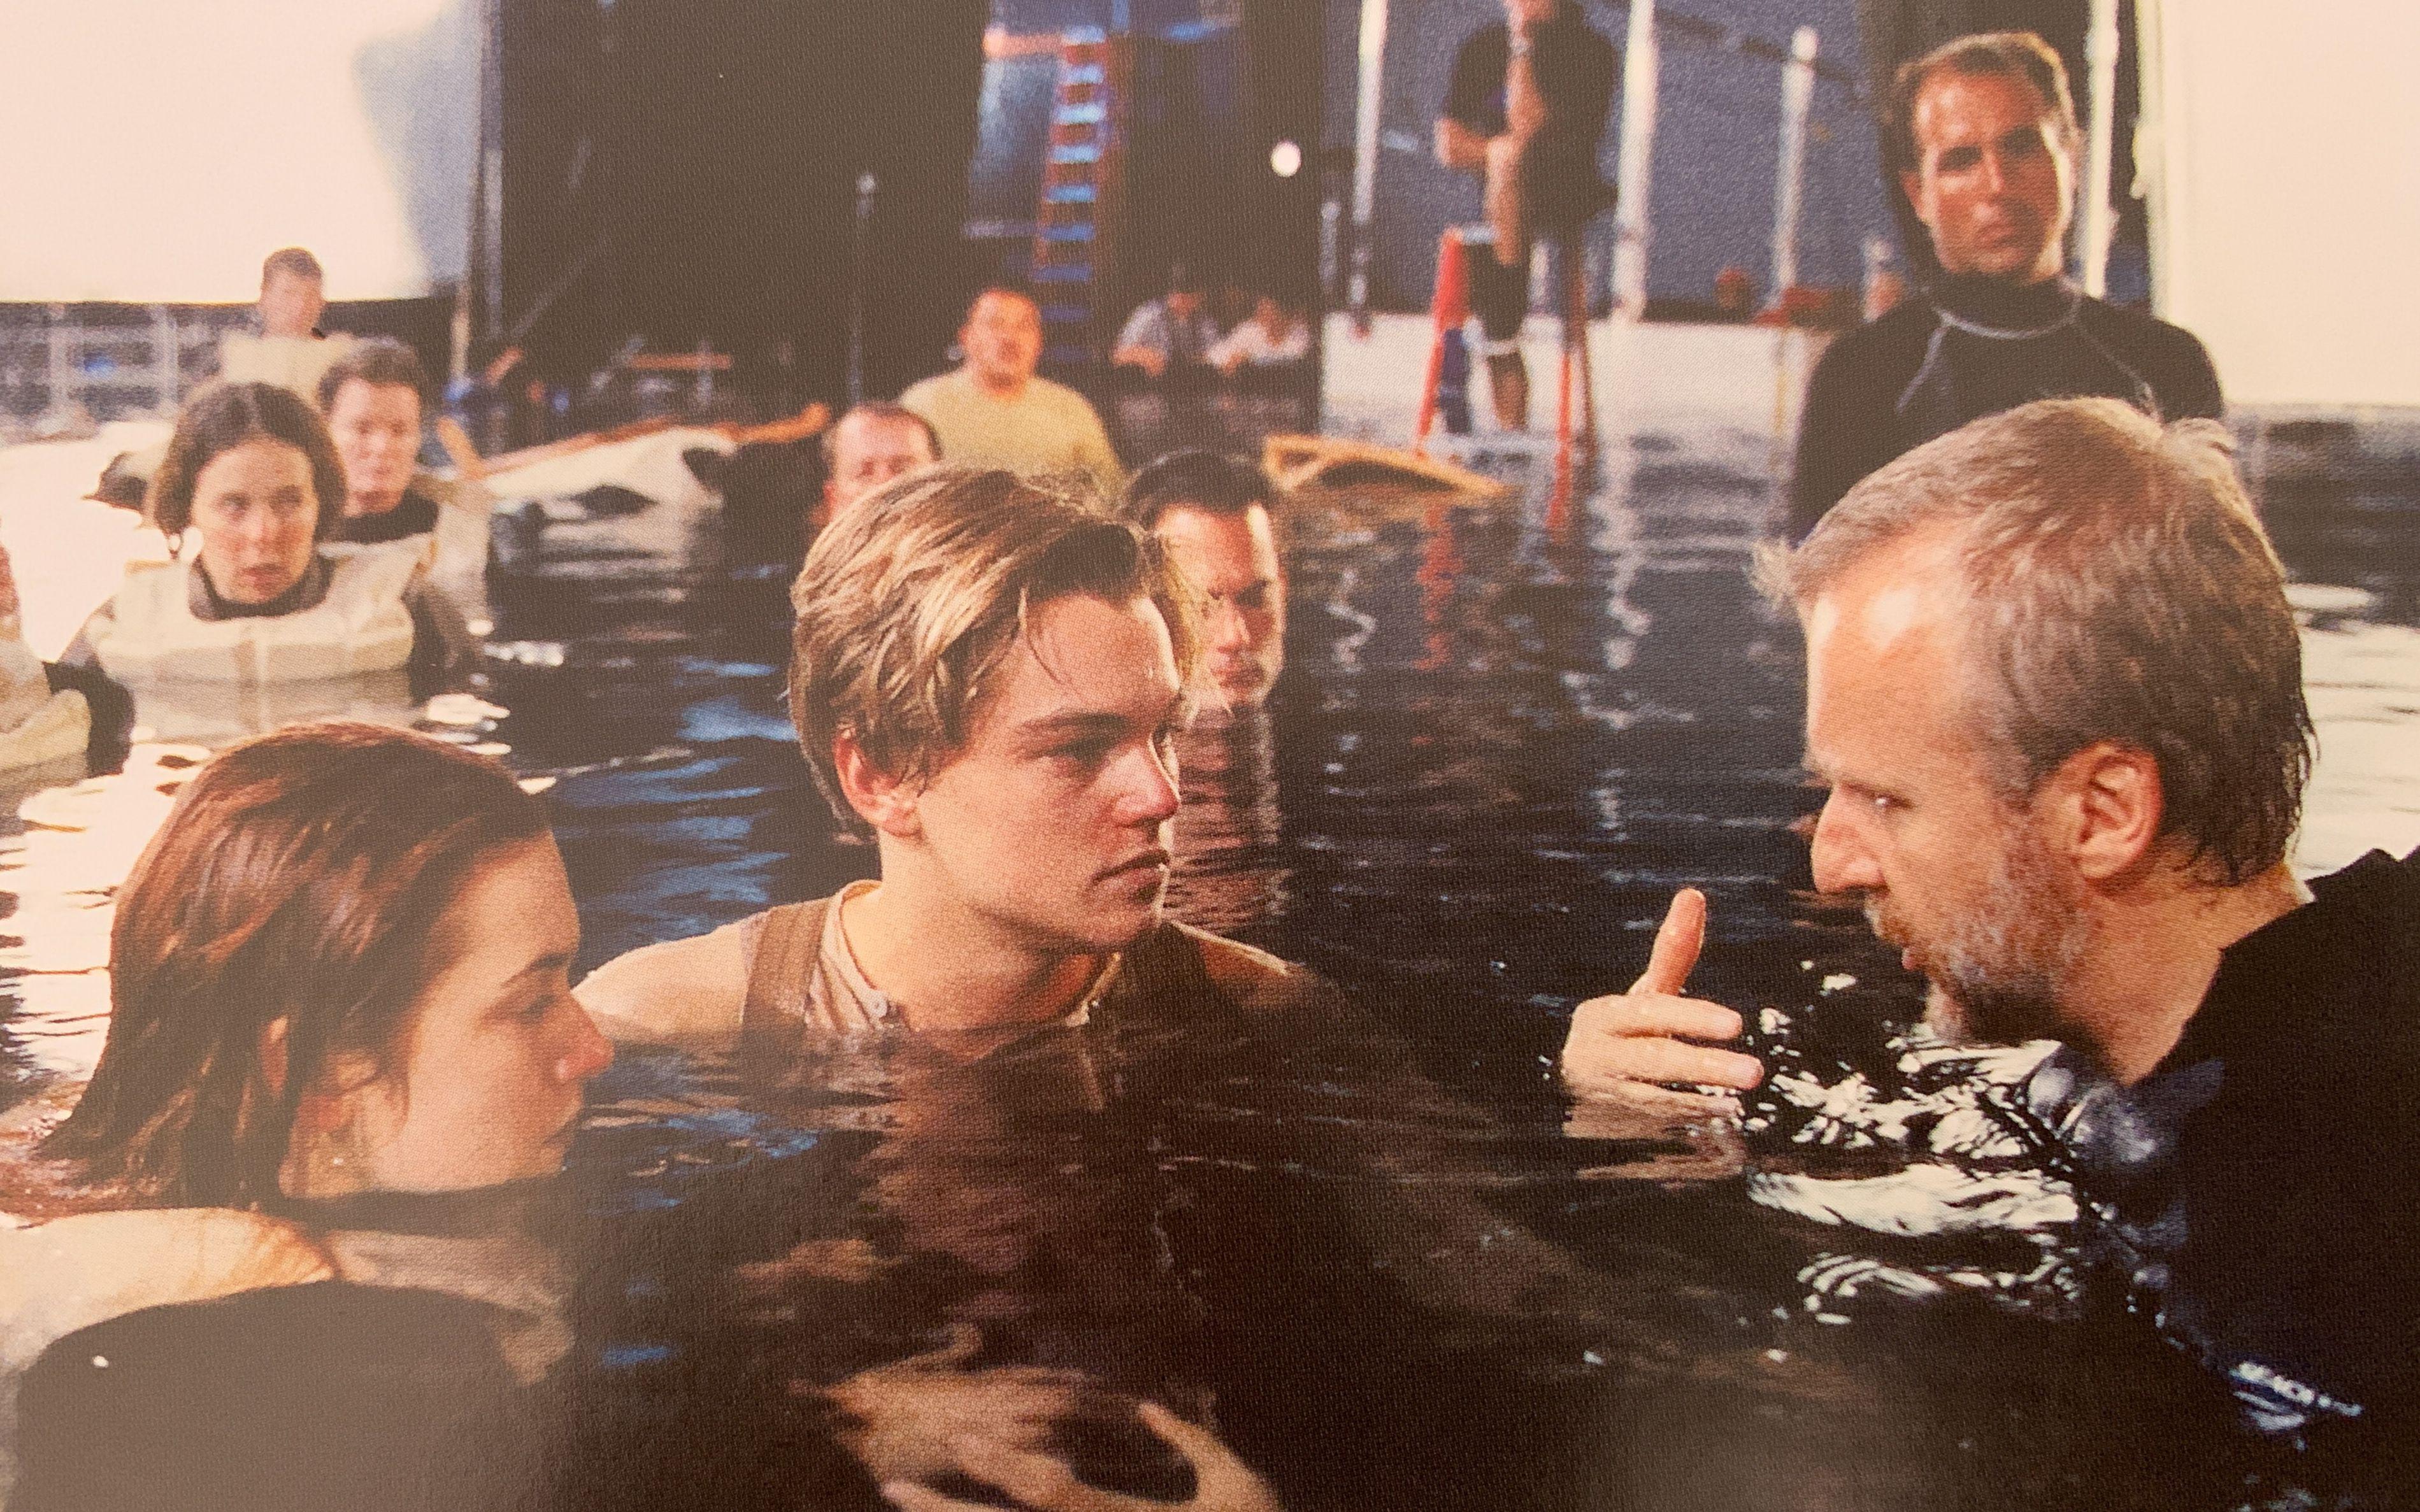 看看《泰坦尼克号》的真实拍摄过程,谁能想到是在游泳池里拍摄的